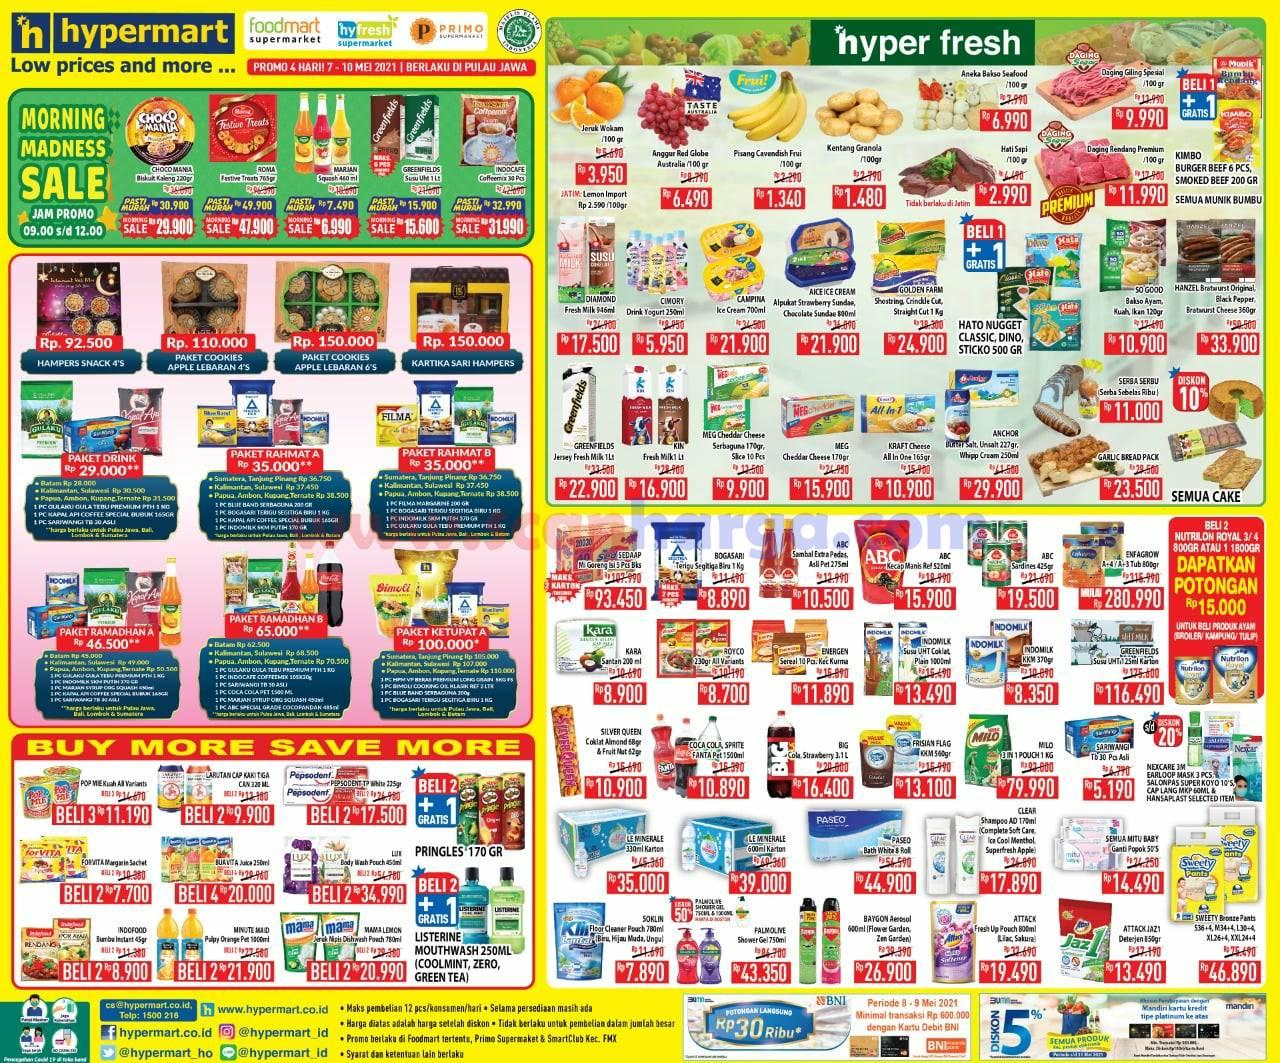 Katalog Promo Hypermart Weekend 7 - 10 Mei 2021 1